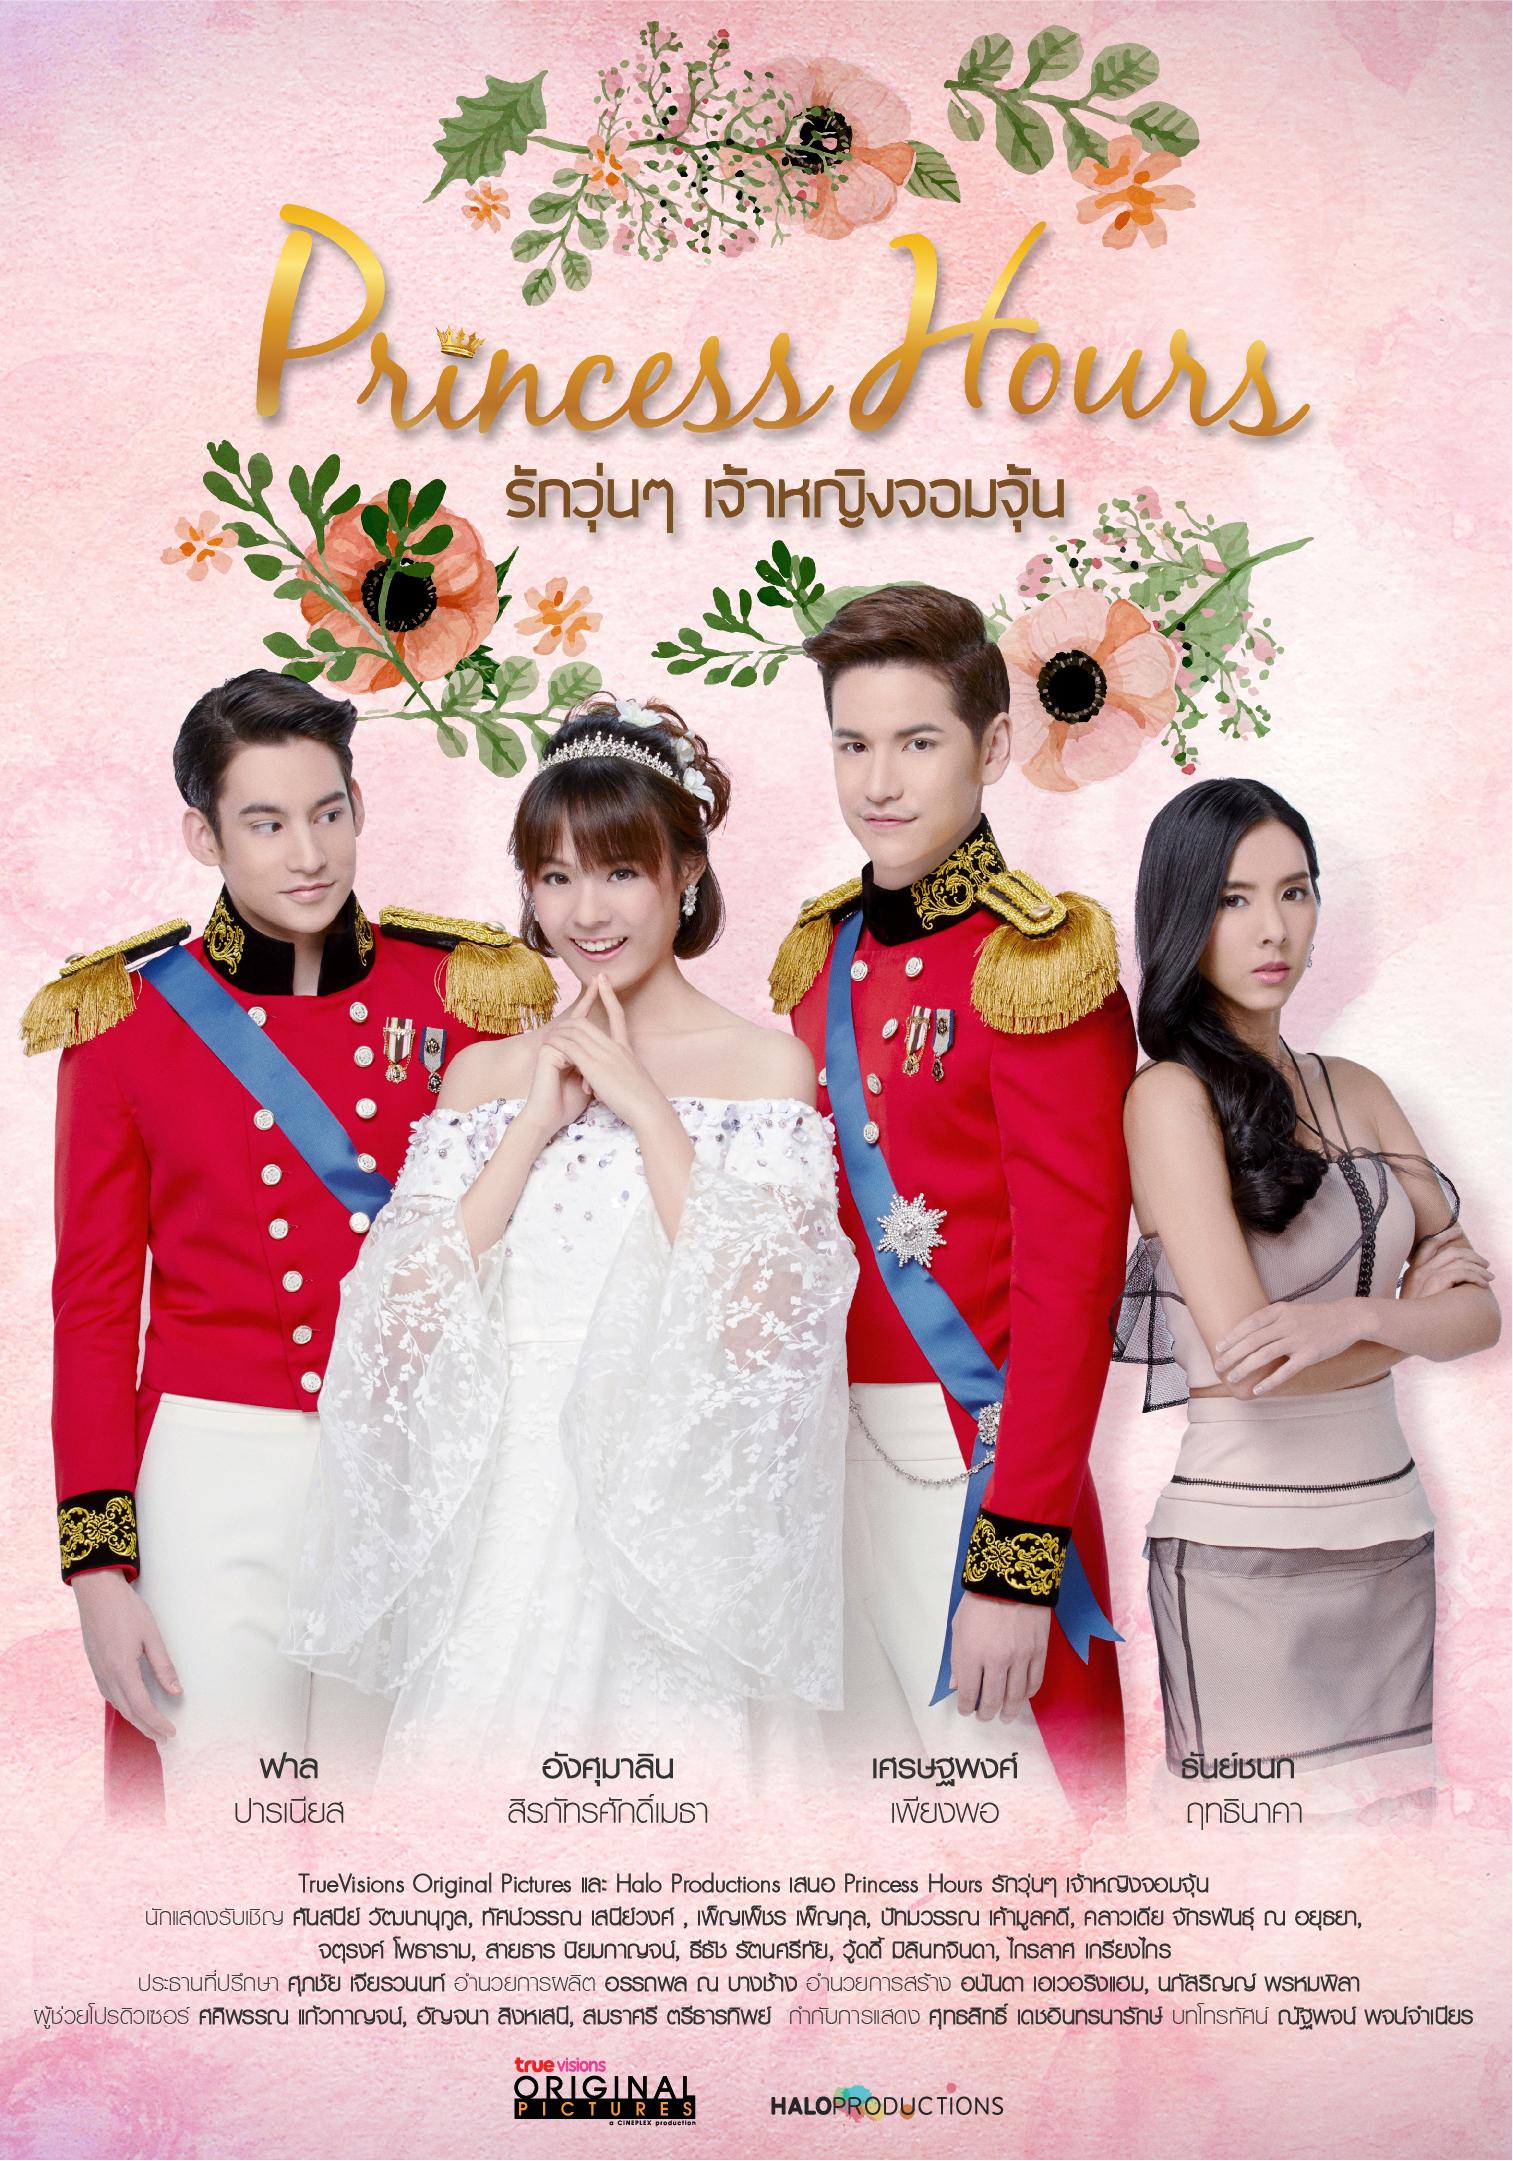 Princess Hours 2017 Drama Wiki Fandom